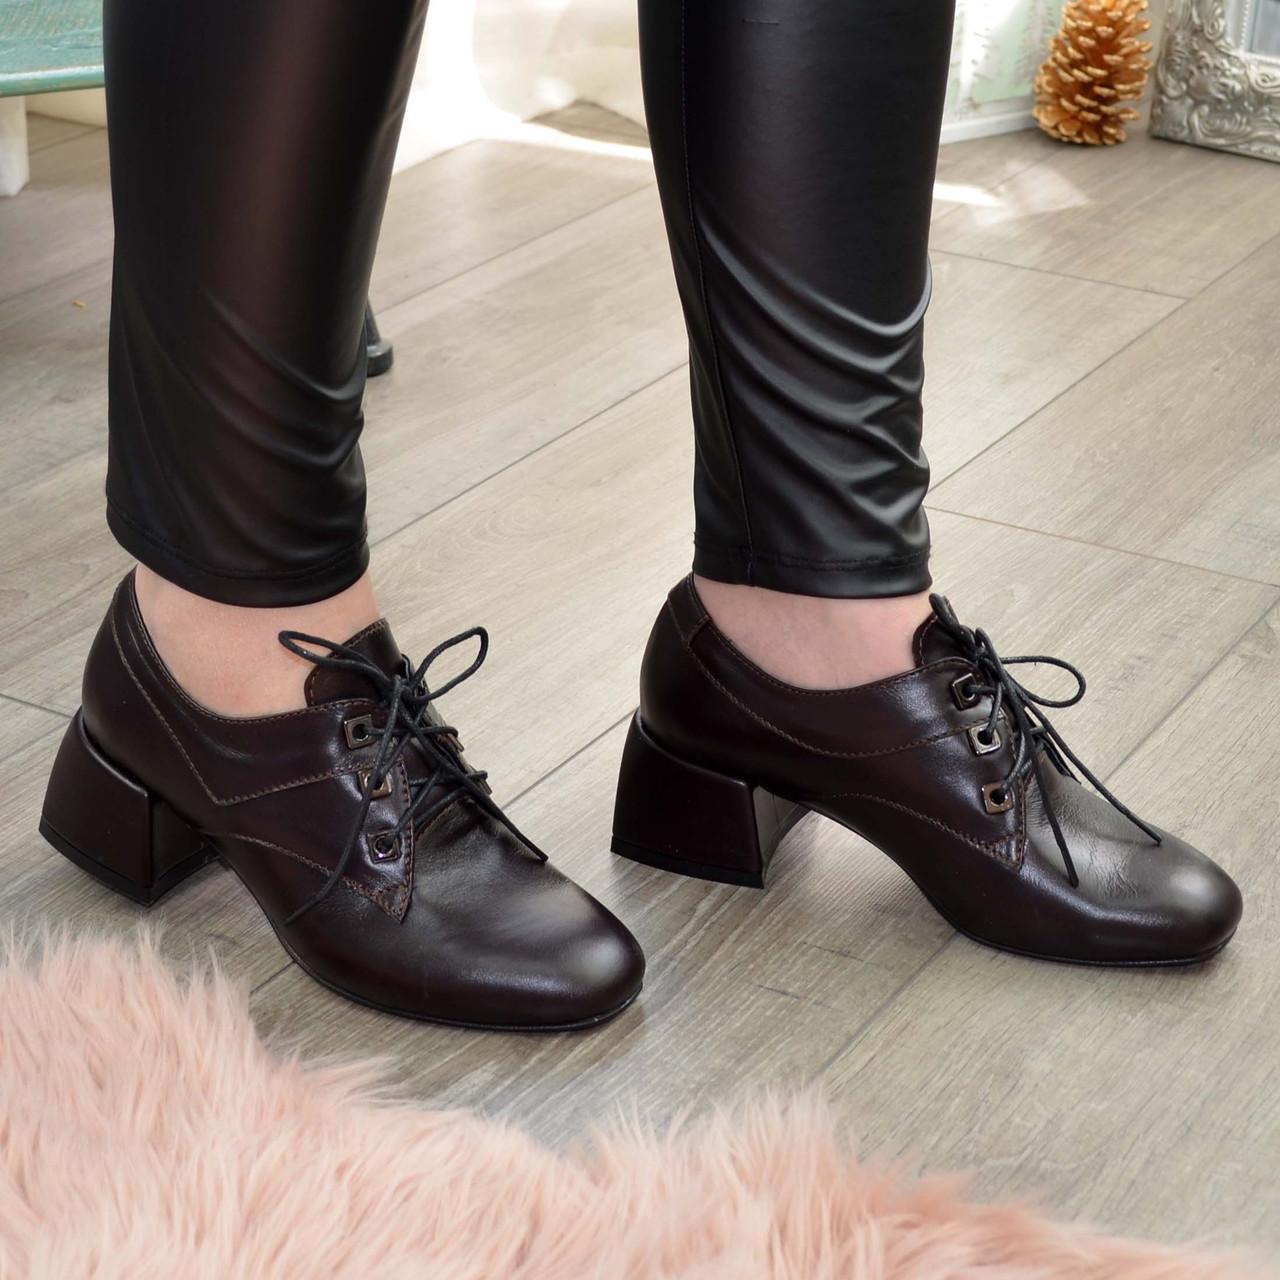 Туфлі жіночі шкіряні на маленькому підборах, колір коричневий